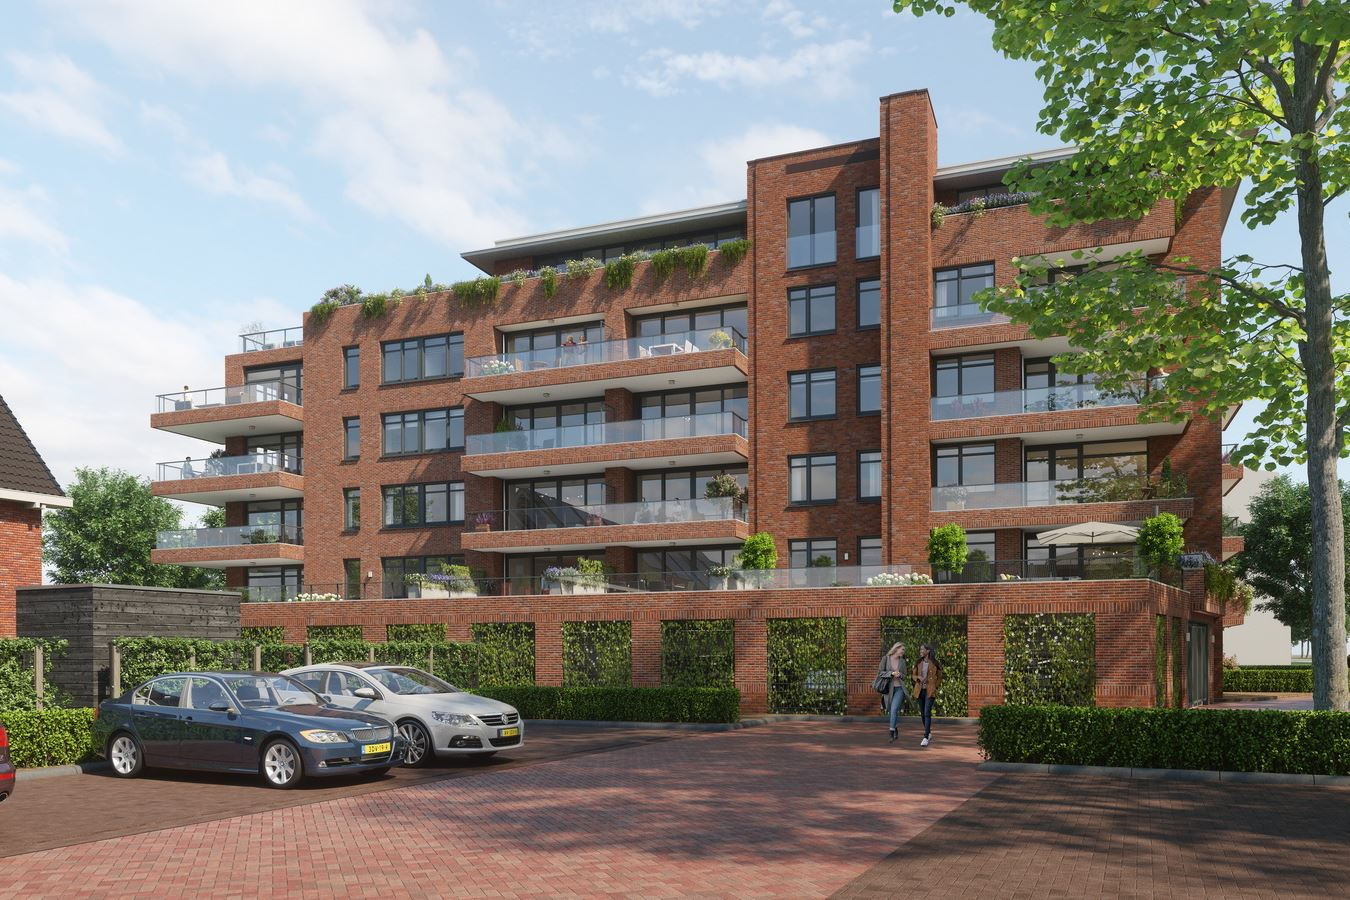 Bekijk foto 2 van Quatrebras Park Quartier II - appartementen (Bouwnr. 10)